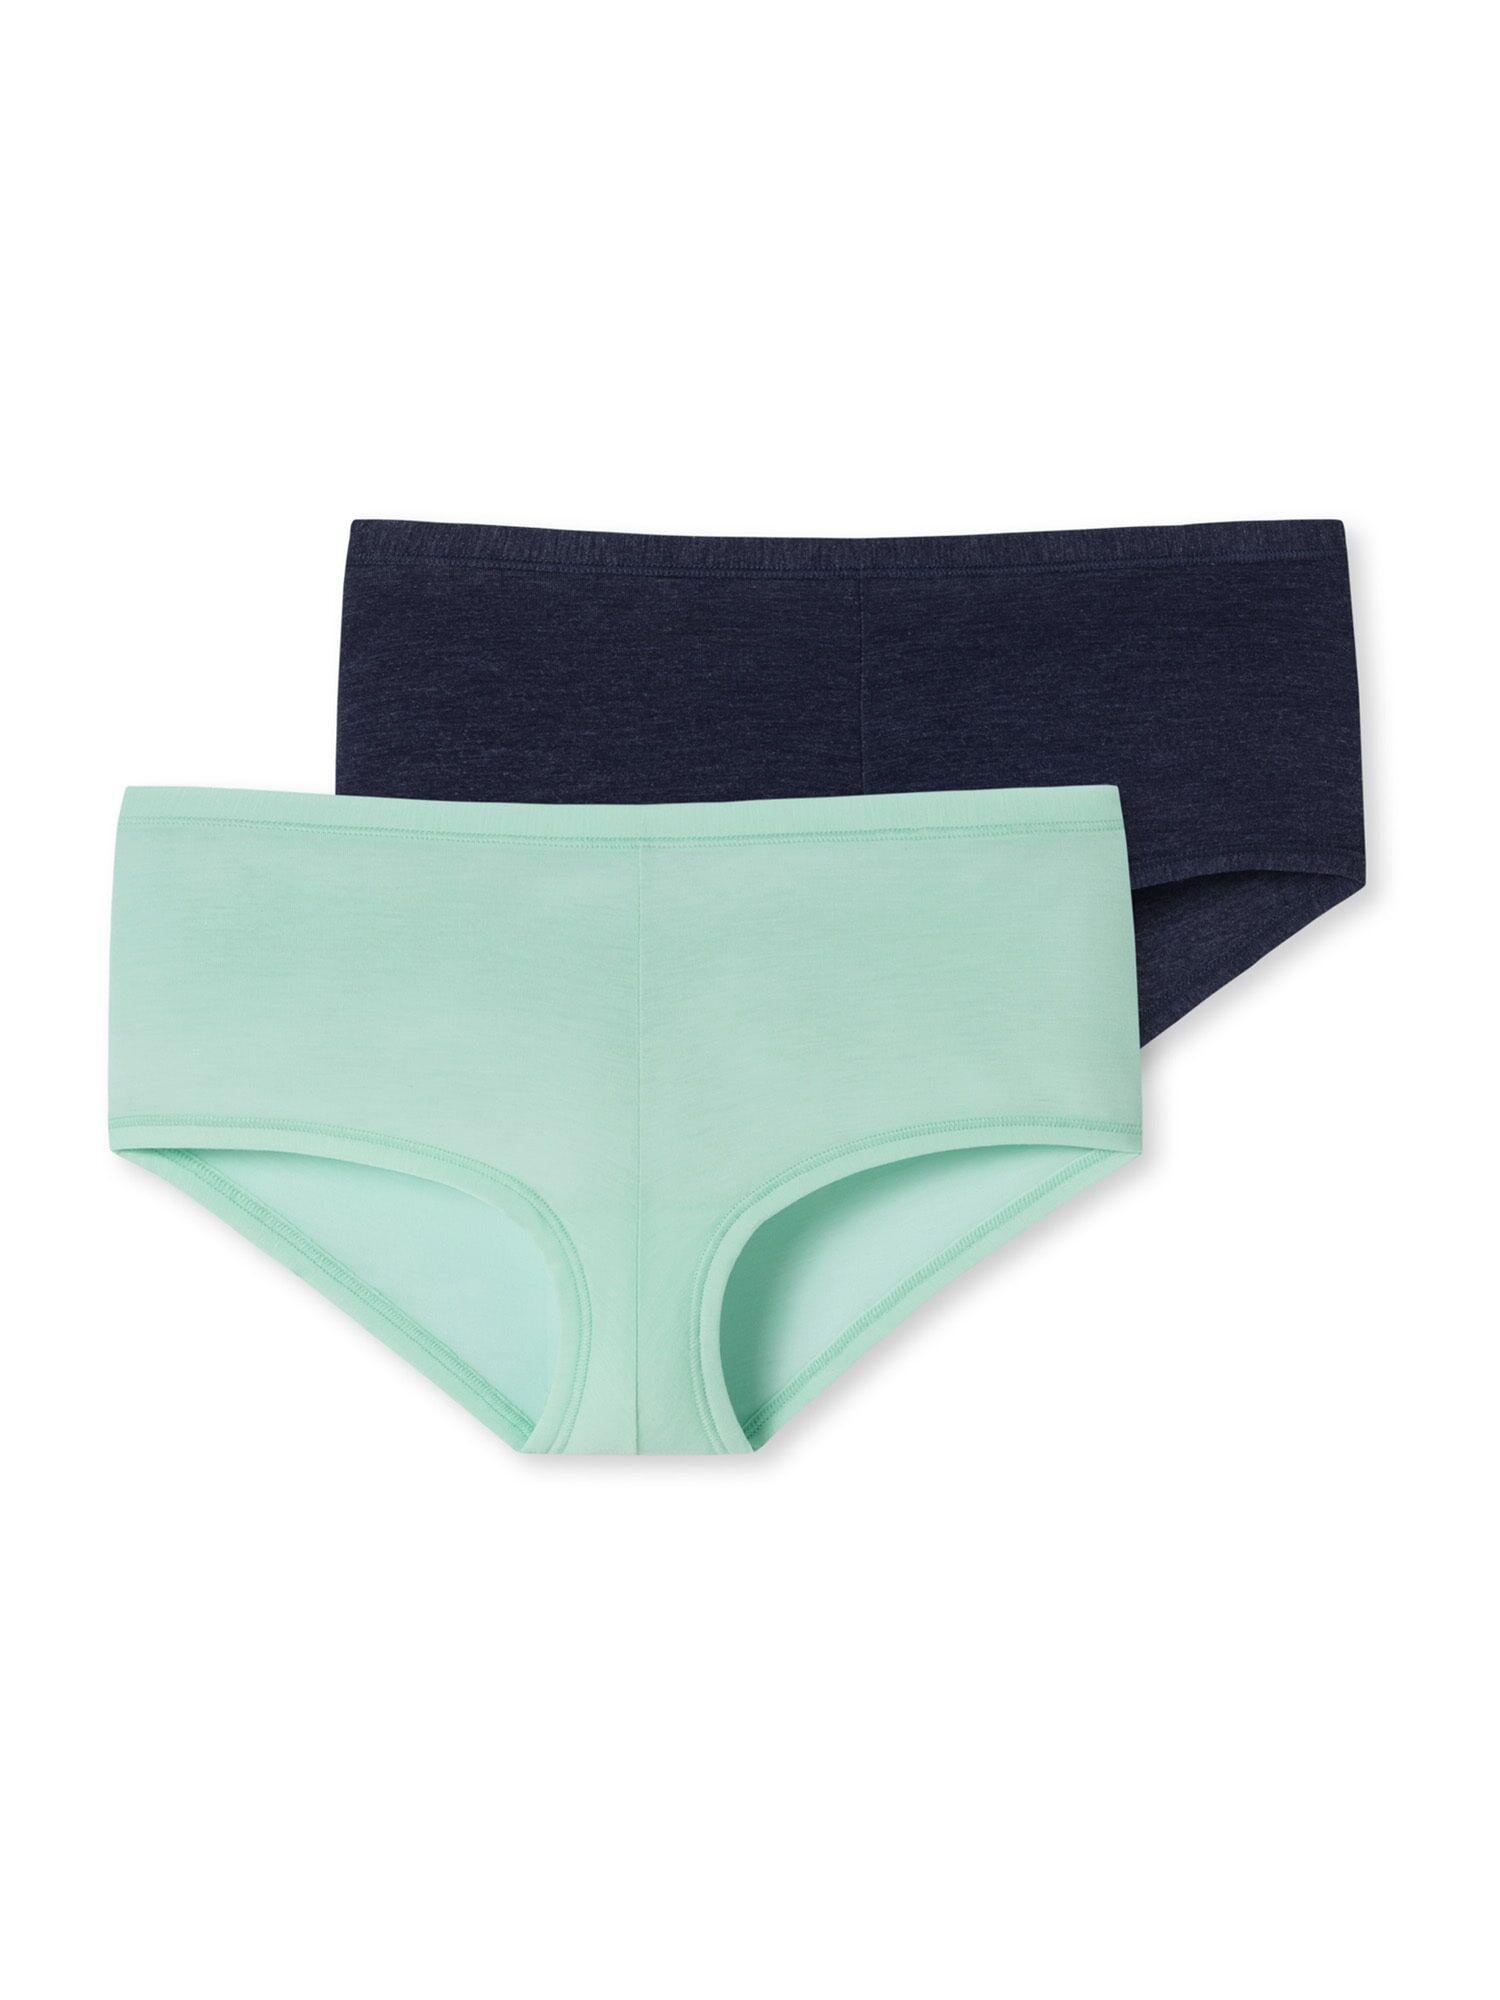 SCHIESSER Sous-vêtements ' Personal Fit '  - Vert, Bleu - Taille: 140 - girl